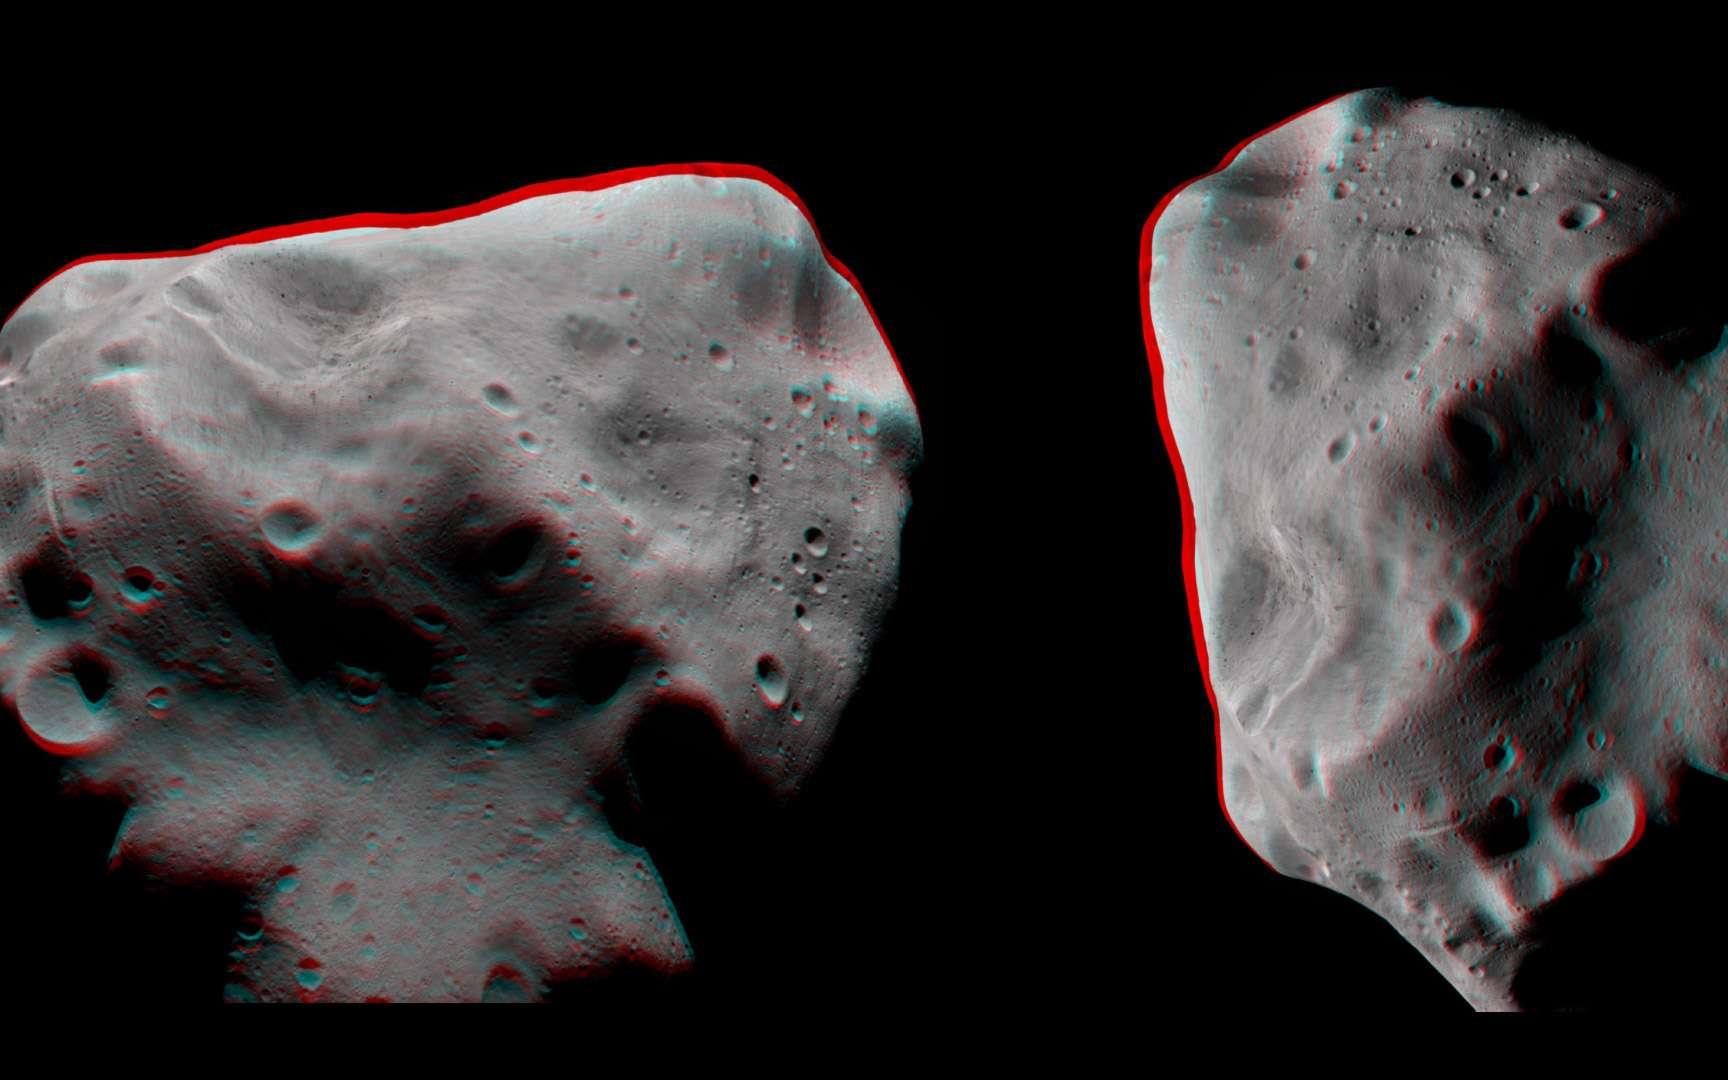 Un anaglyphe (nécessitant des lunettes spéciales) montrant l'astéroïde Lutetia en relief. Ce type d'image permet de se rendre compte de la profondeur des cratères et des nombreuses concavités qui le façonnent. Crédits Esa 2010 / MPS for OSIRIS Team MPS/UPD/LAM/IAA/RSSD/INTA/UPM/DASP/IDA